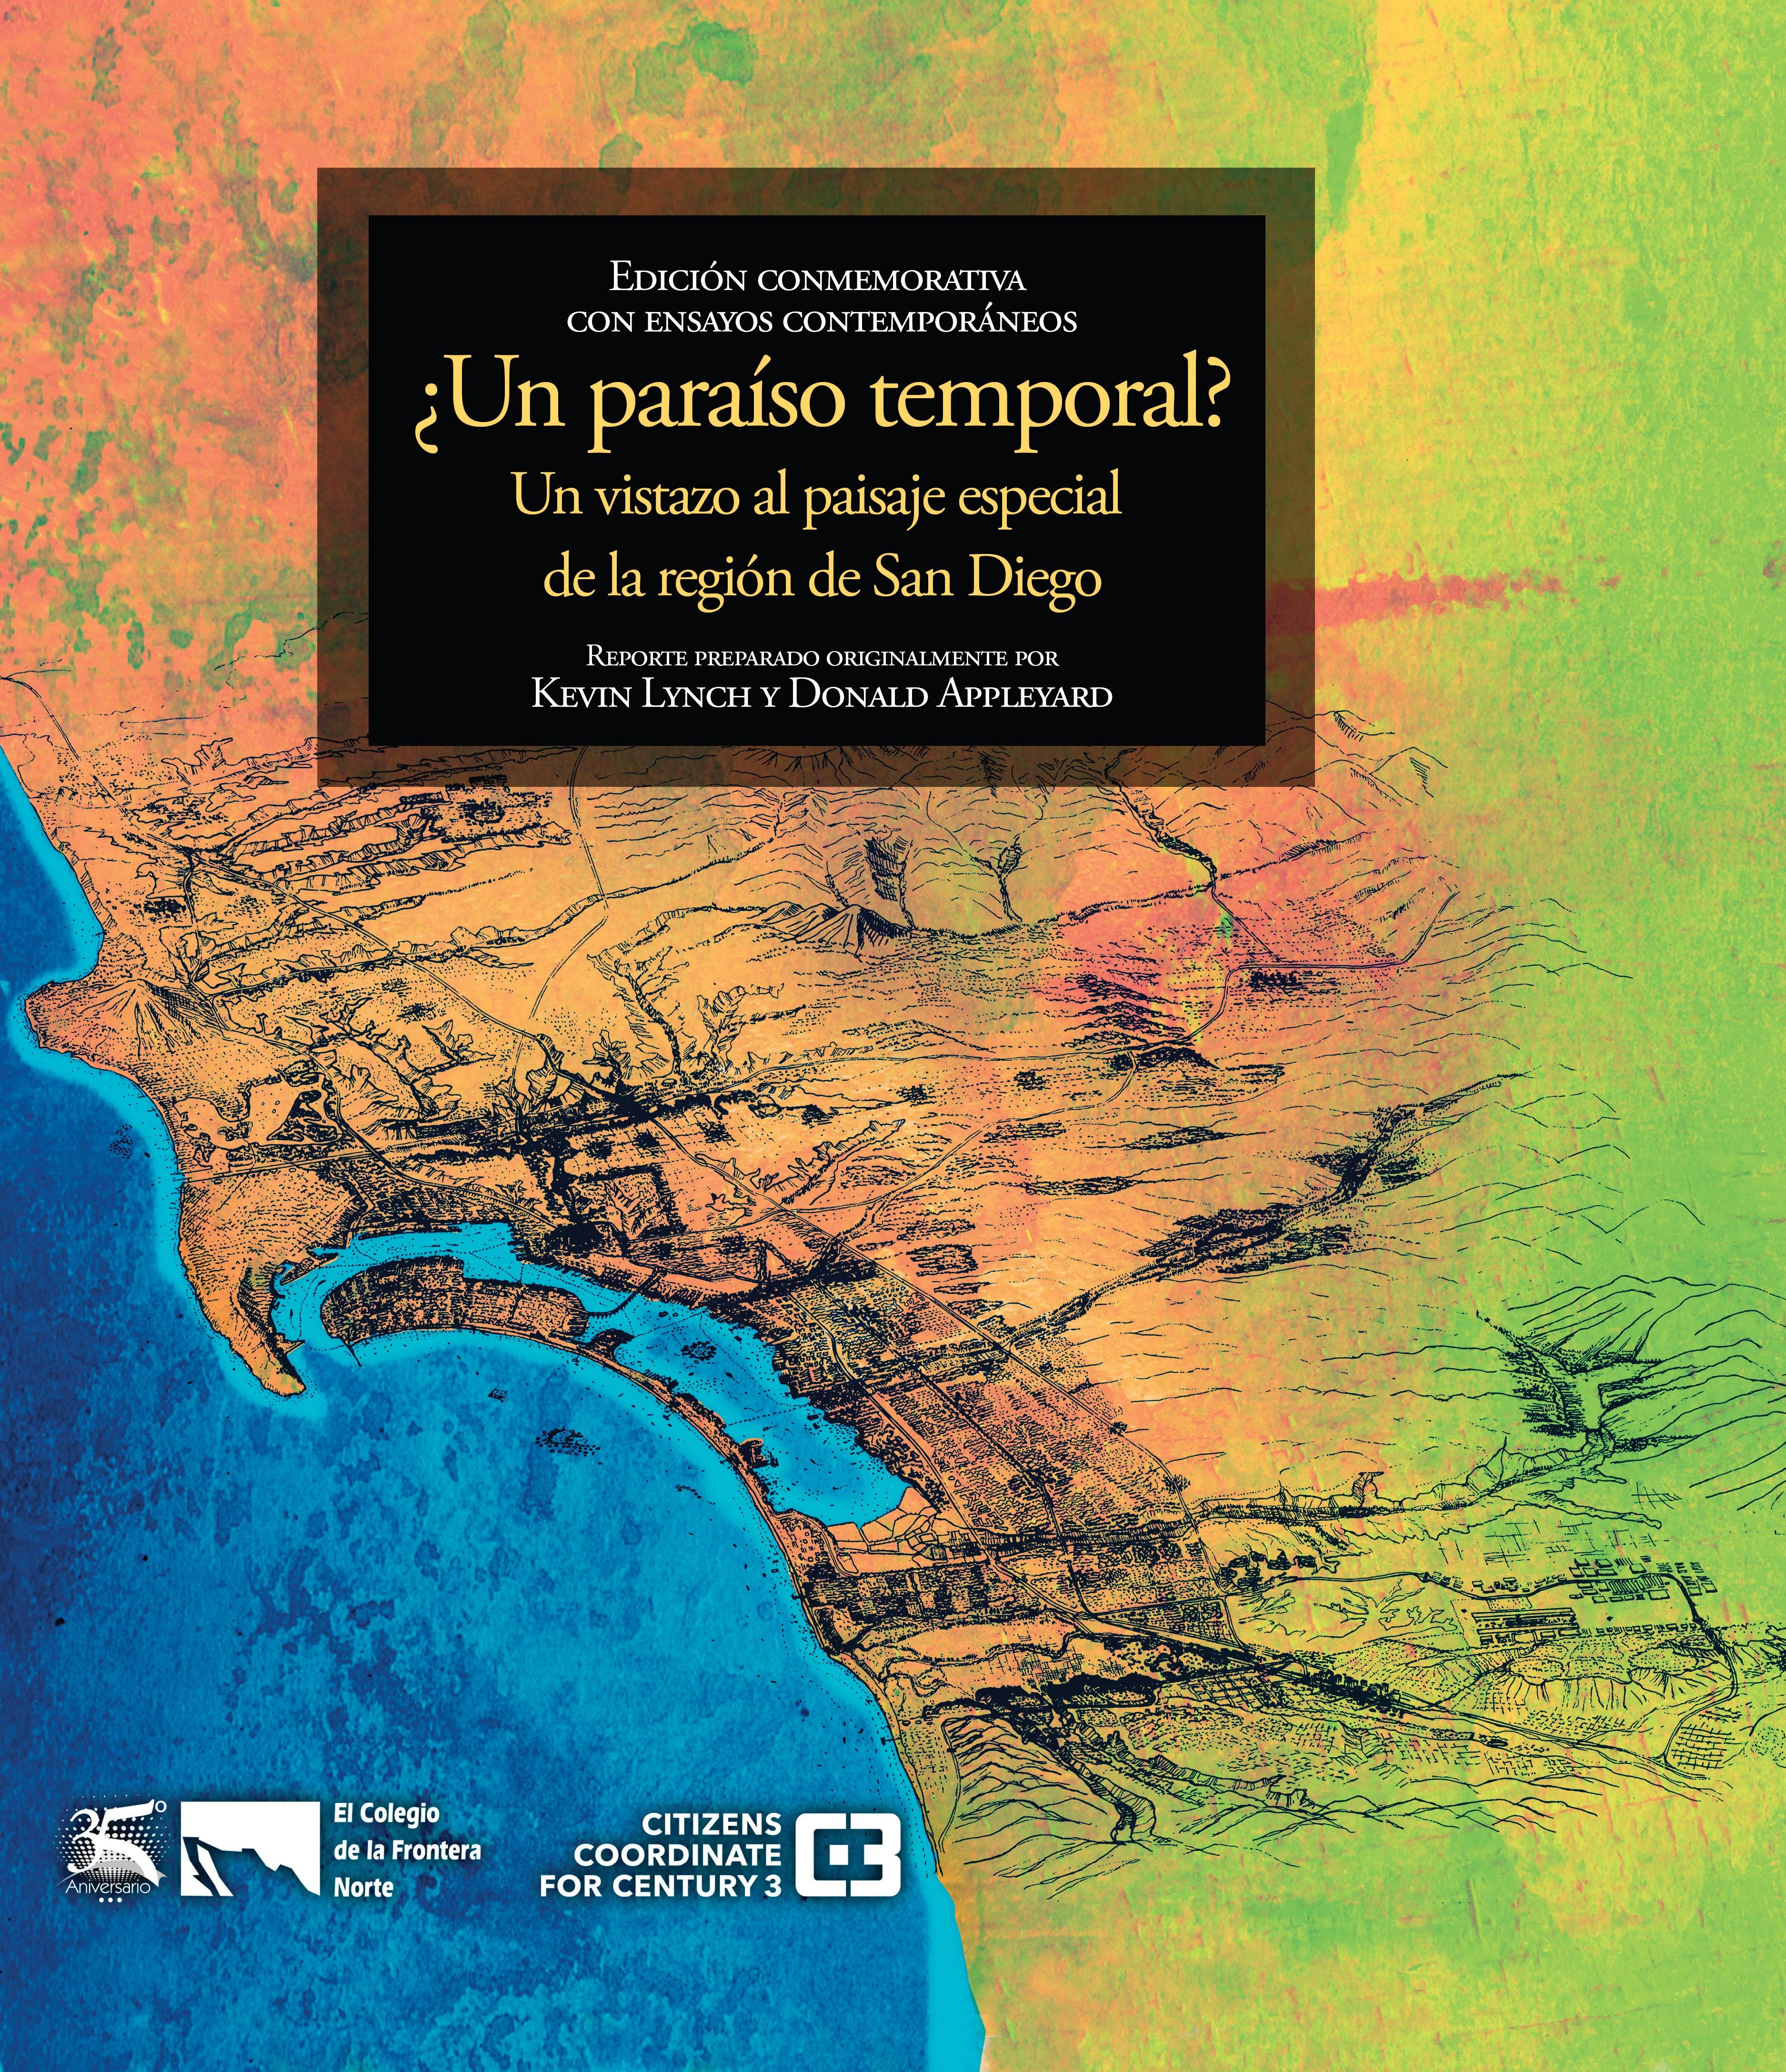 ¿Un paraíso temporal? Un vistazo al paisaje especial de la región de San Diego. Edición conmemorativa con ensayos contemporáneos